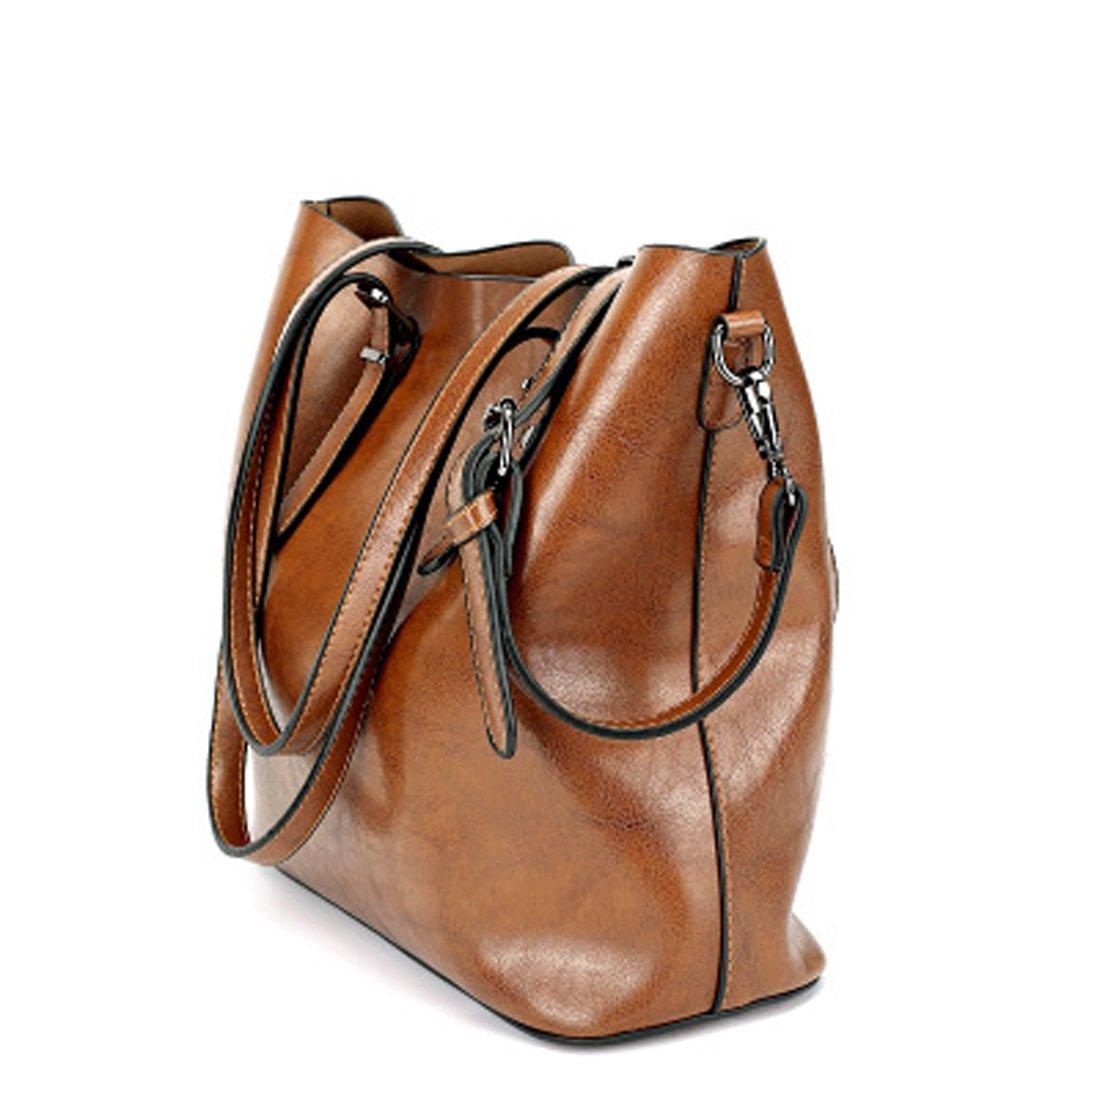 Women's Bags Handbags Shoulder Bags Genuine Leather Brown Big Casual All Seasons Black Coffee Brown Wine (Color : Brown) by WTING (Image #3)